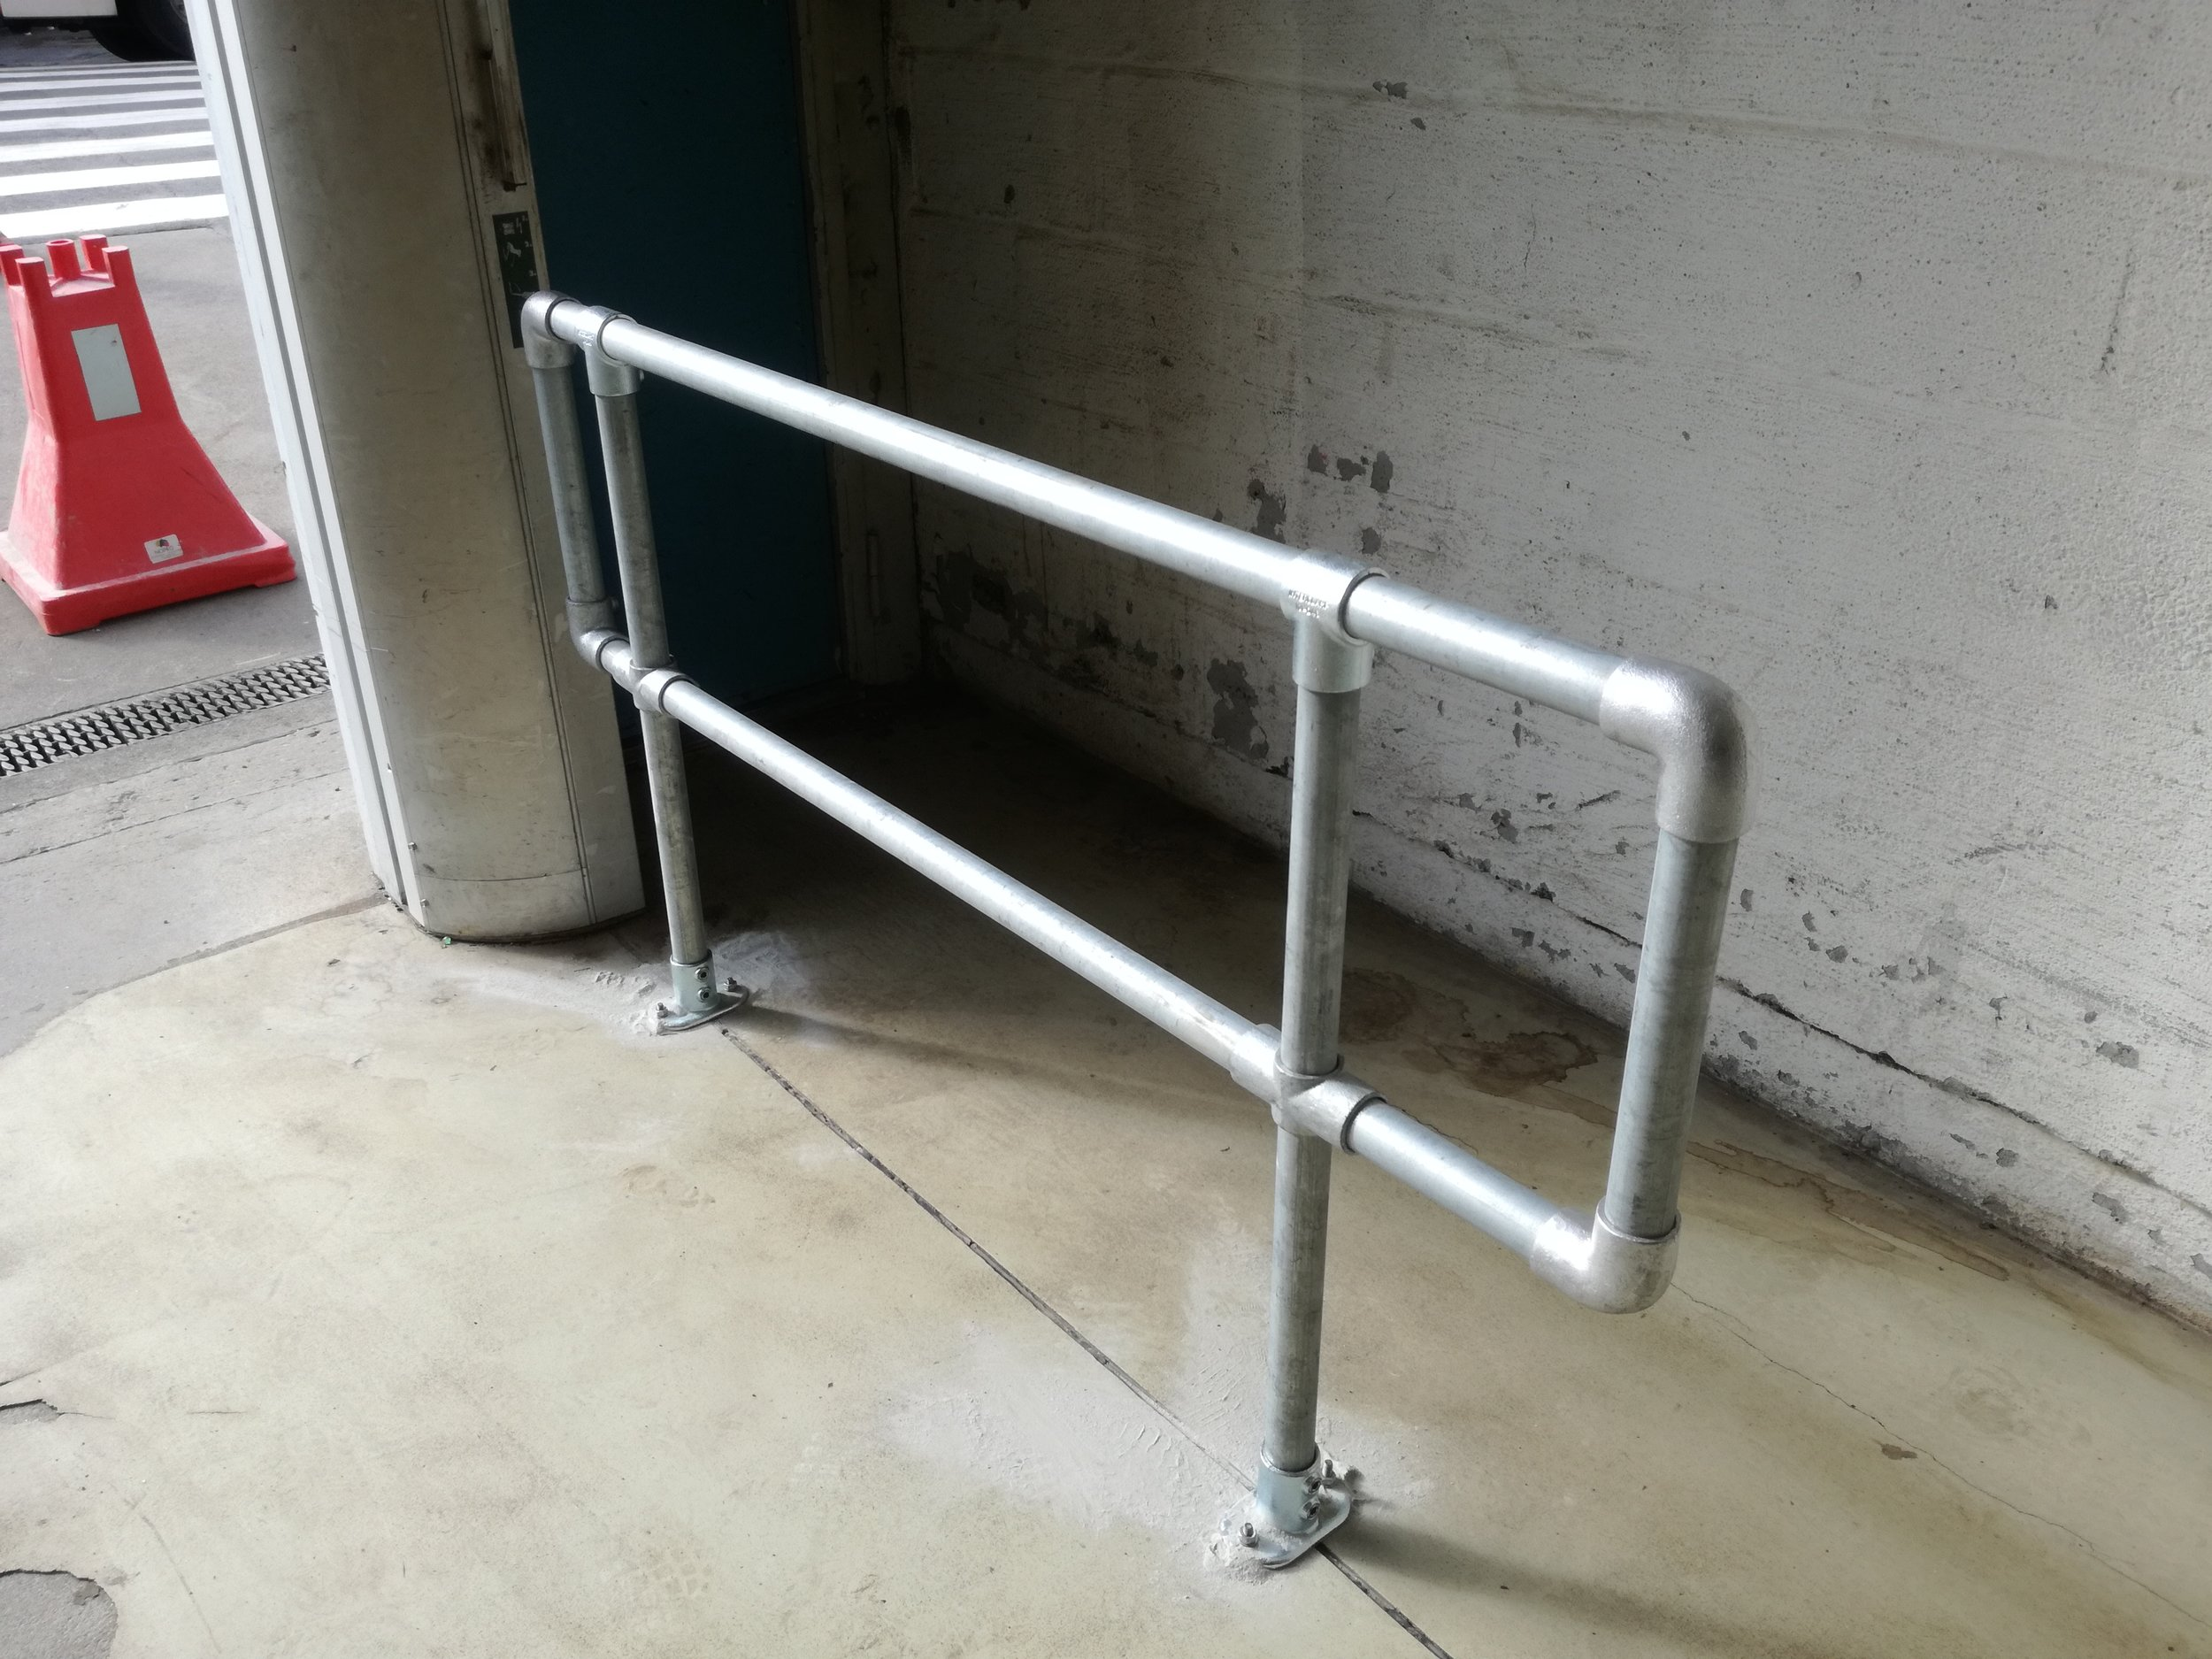 Kee clamp modulrekkverk på mur.jpg